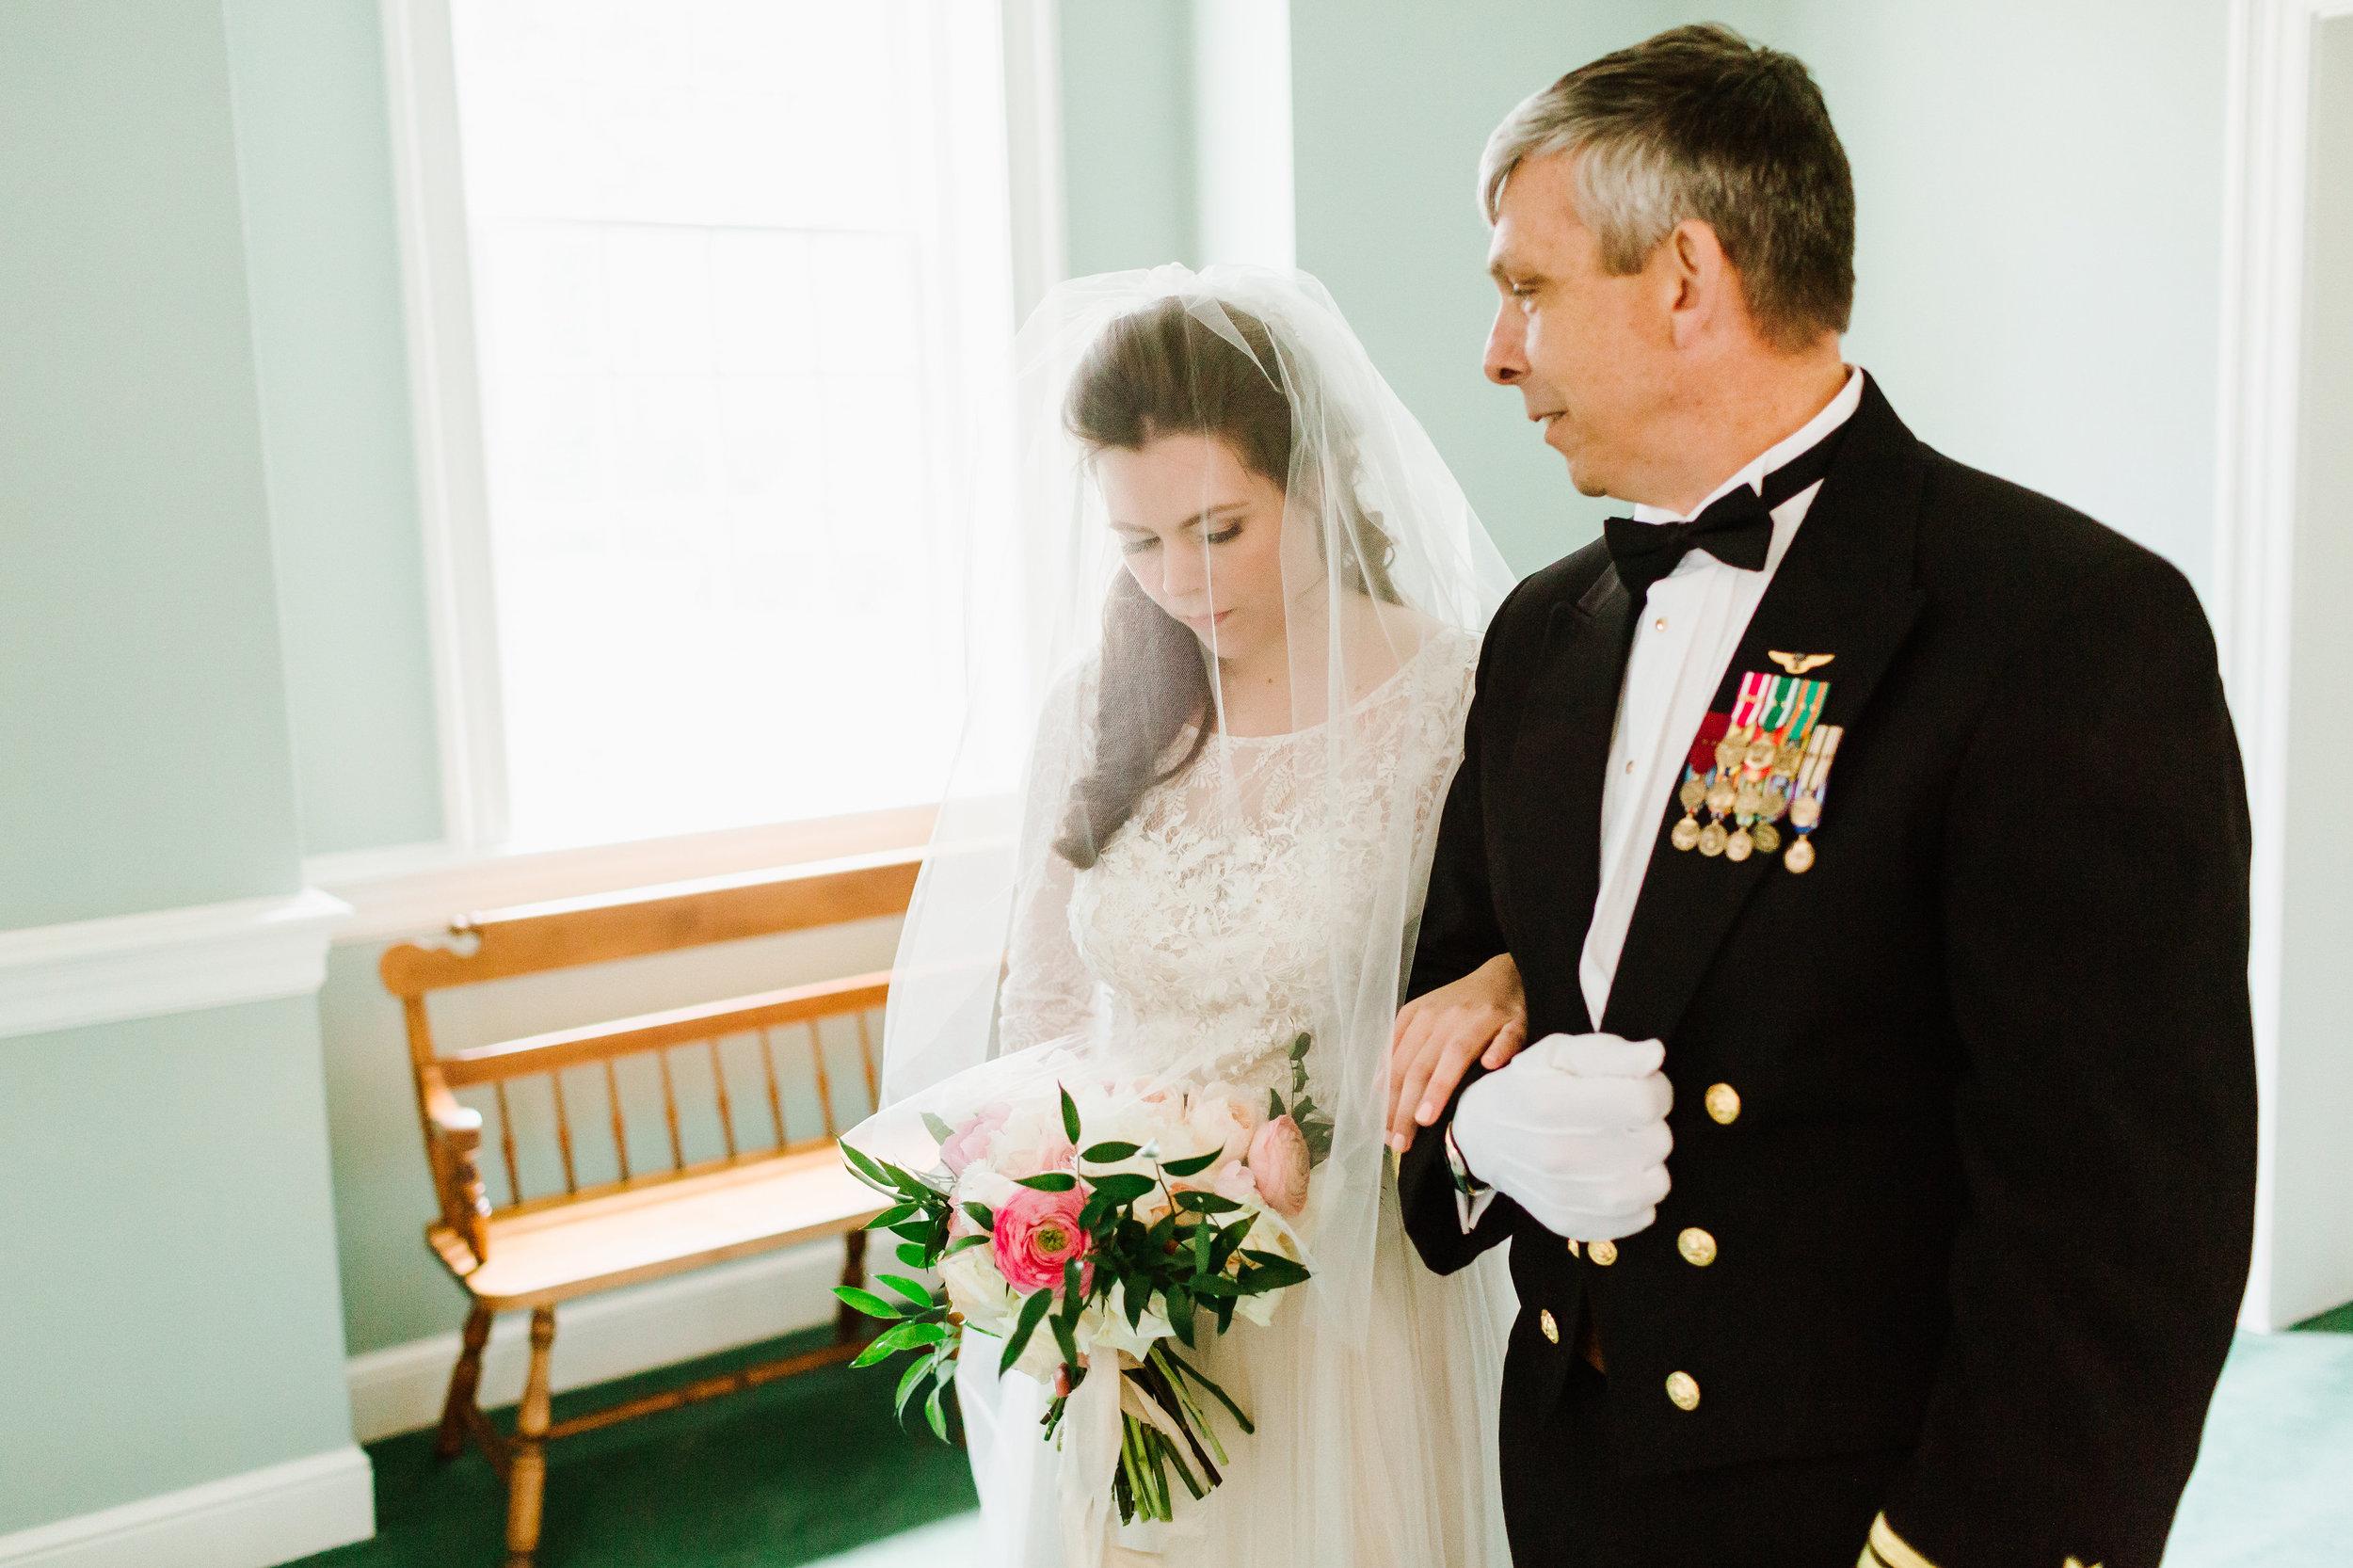 tylar-seth-wedding-148.jpg